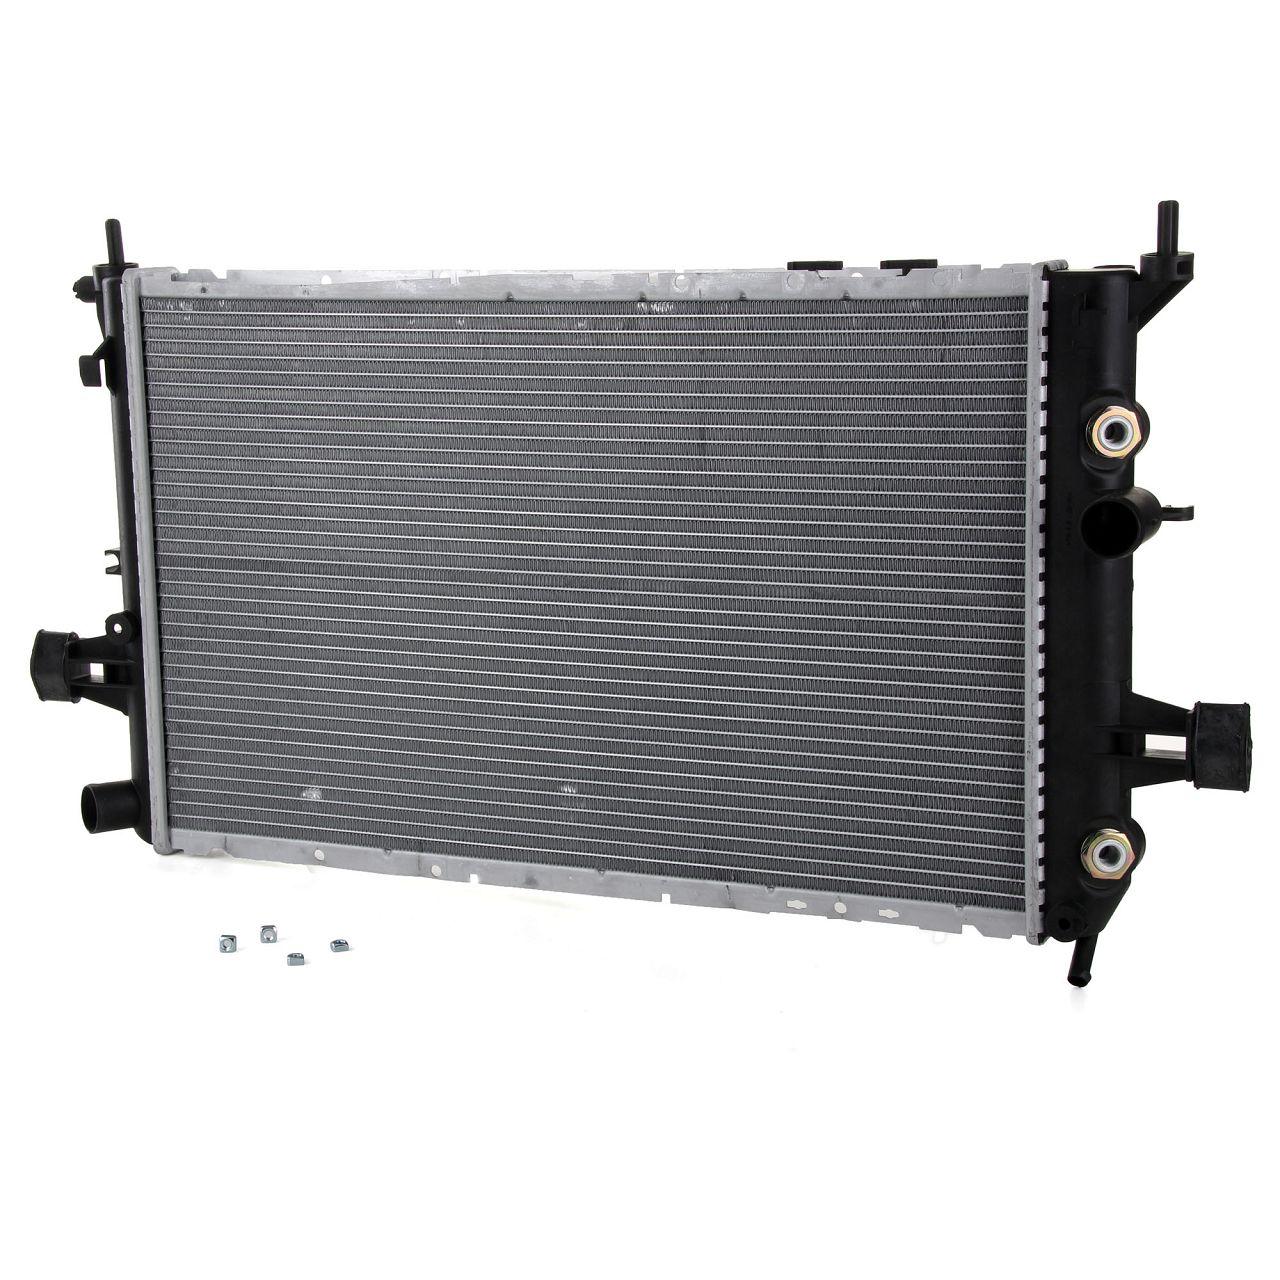 Kühler Motorkühler Wasserkühler für OPEL ASTRA G ZAFIRA A 2.0DTI 16V 2.2 DTI